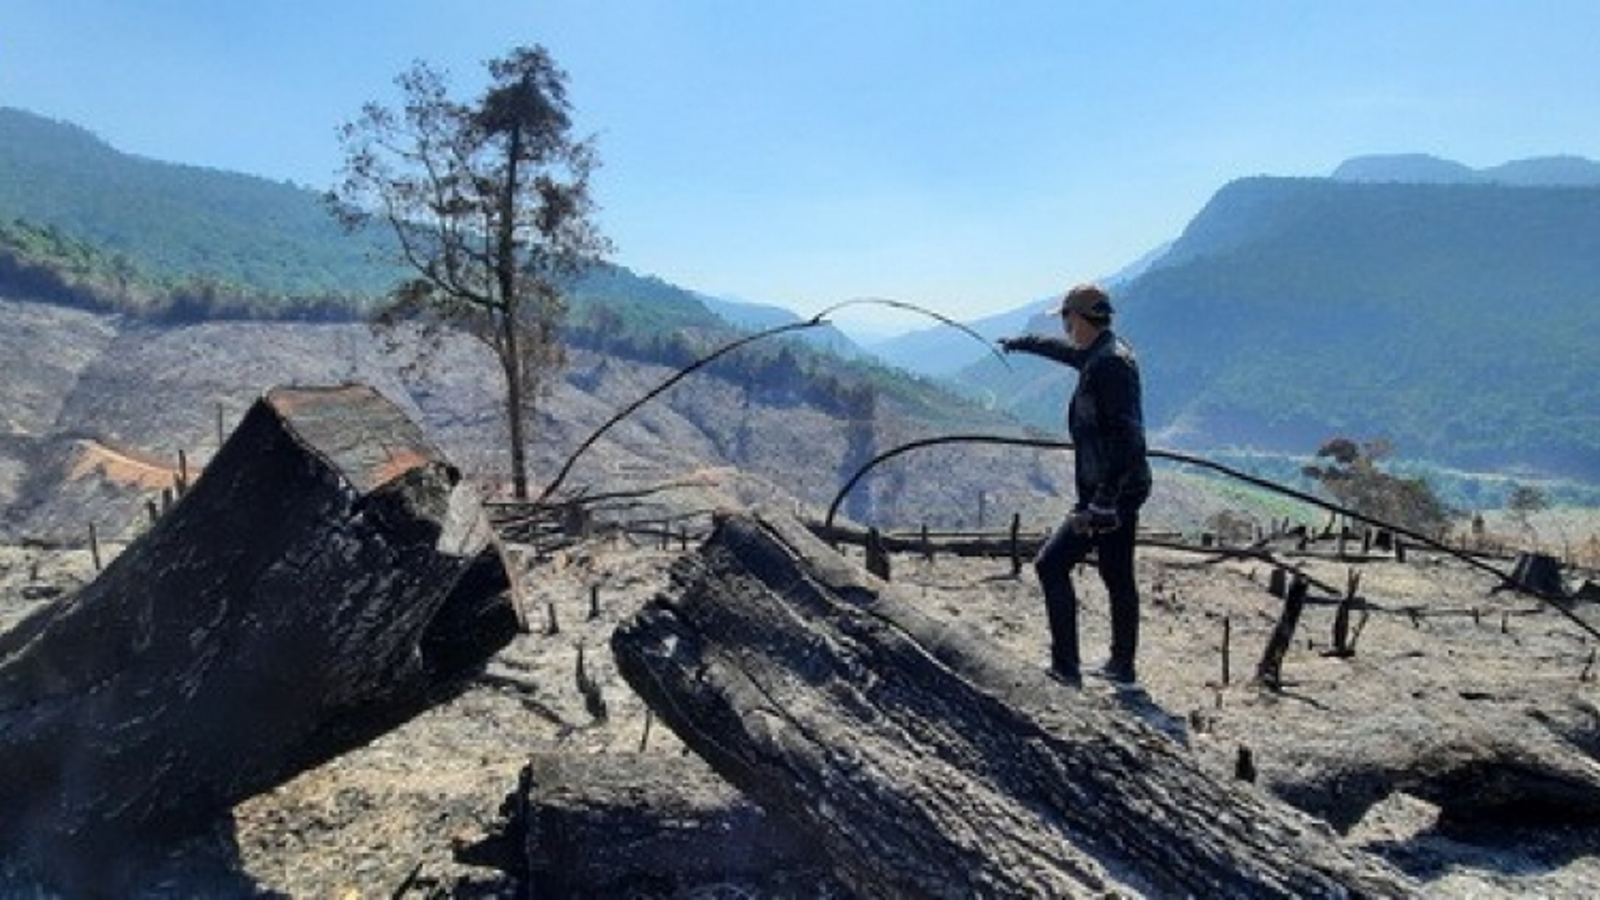 Vụ cháy hơn 32 ha rừng ở Quảng Nam có liên quan đến Giám đốc BQL rừng